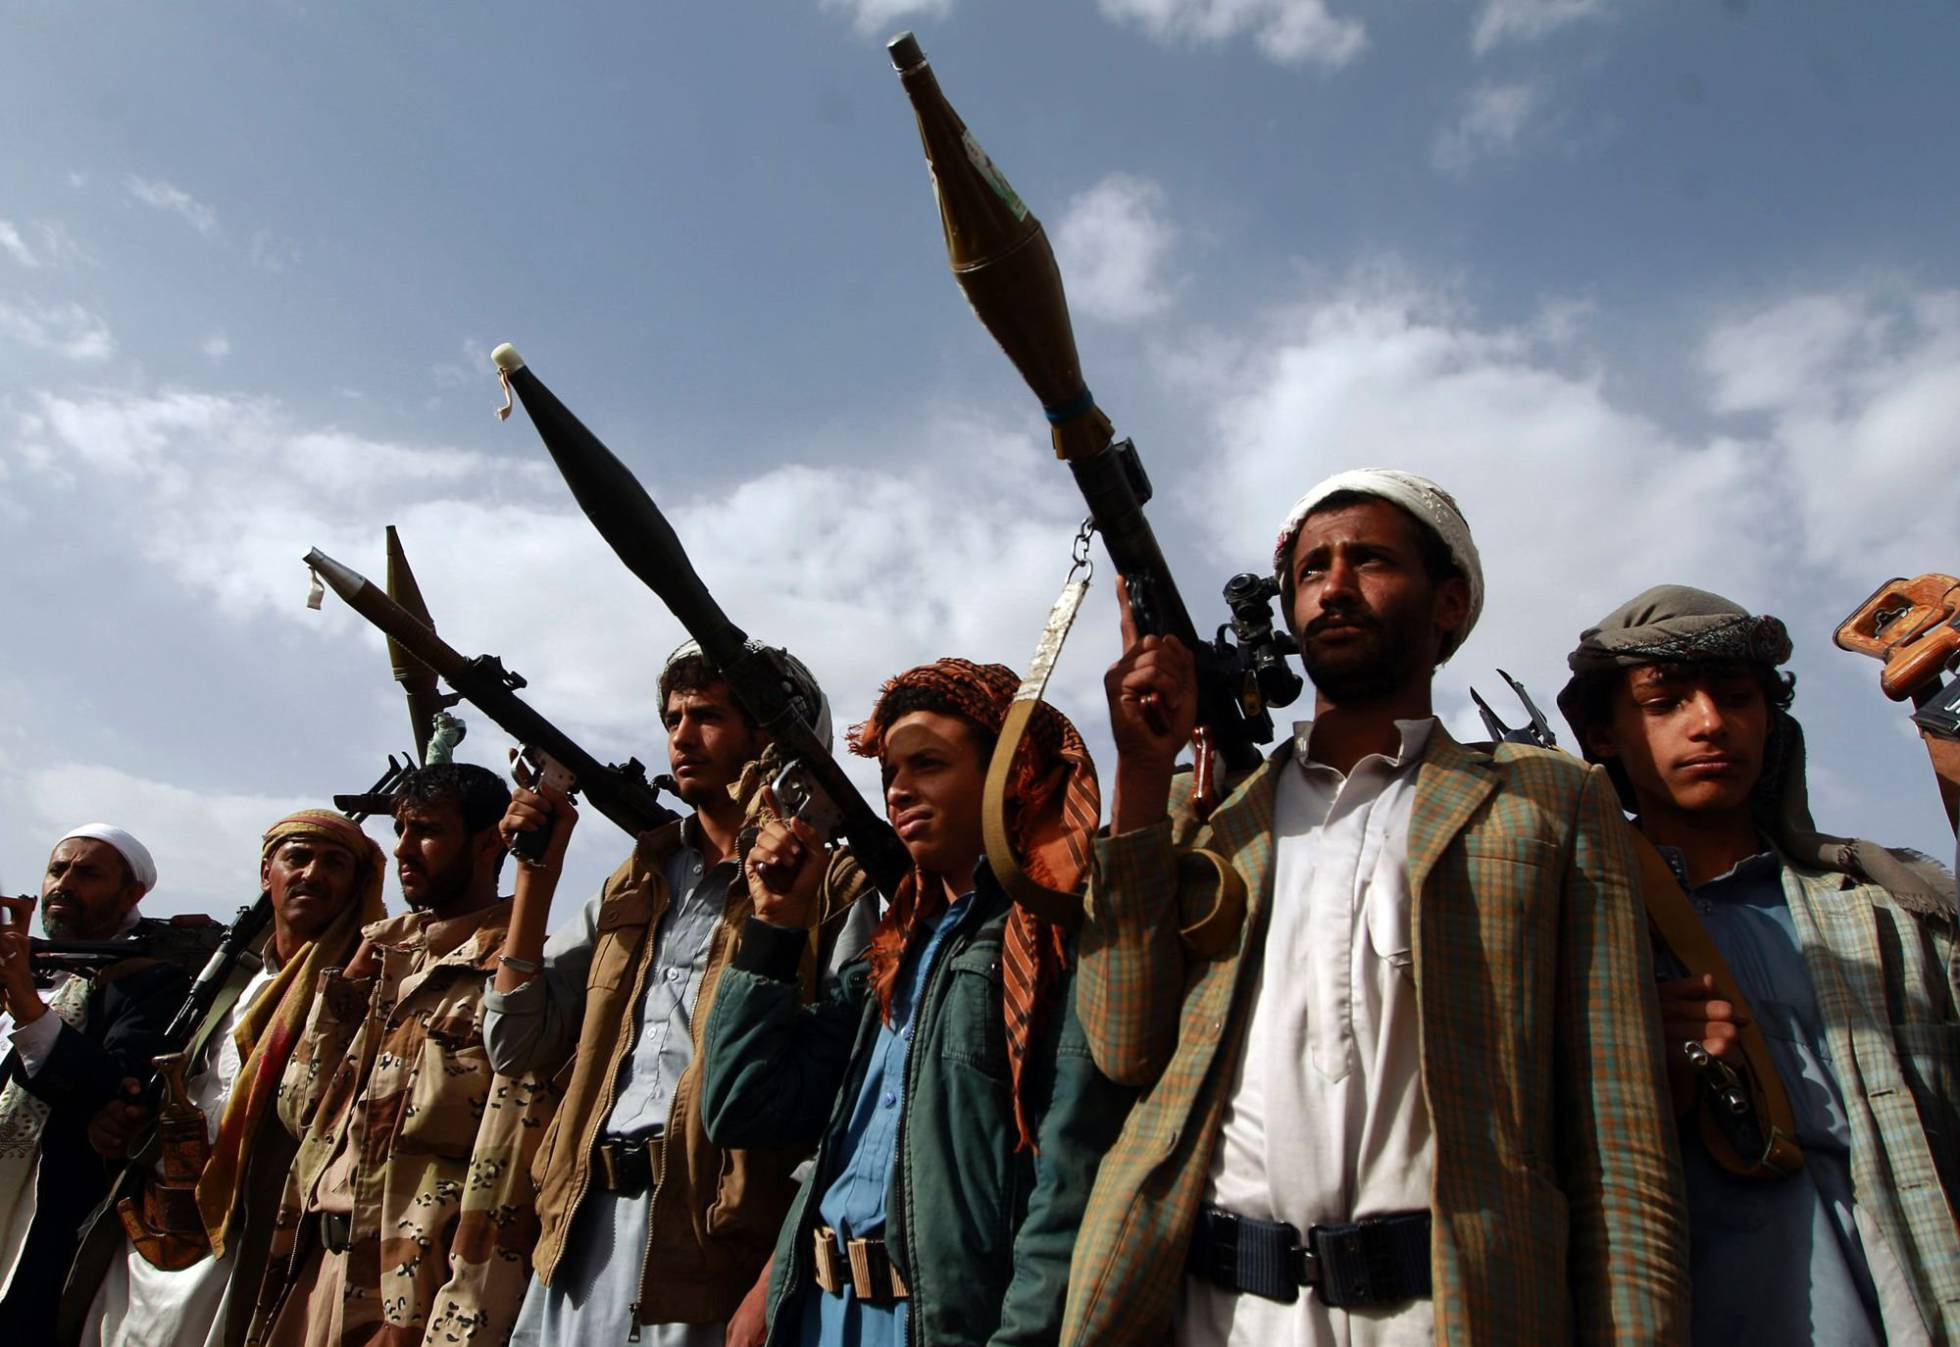 Conflicto en Yemen - Página 7 1467125263_458994_1467130622_noticia_normal_recorte1